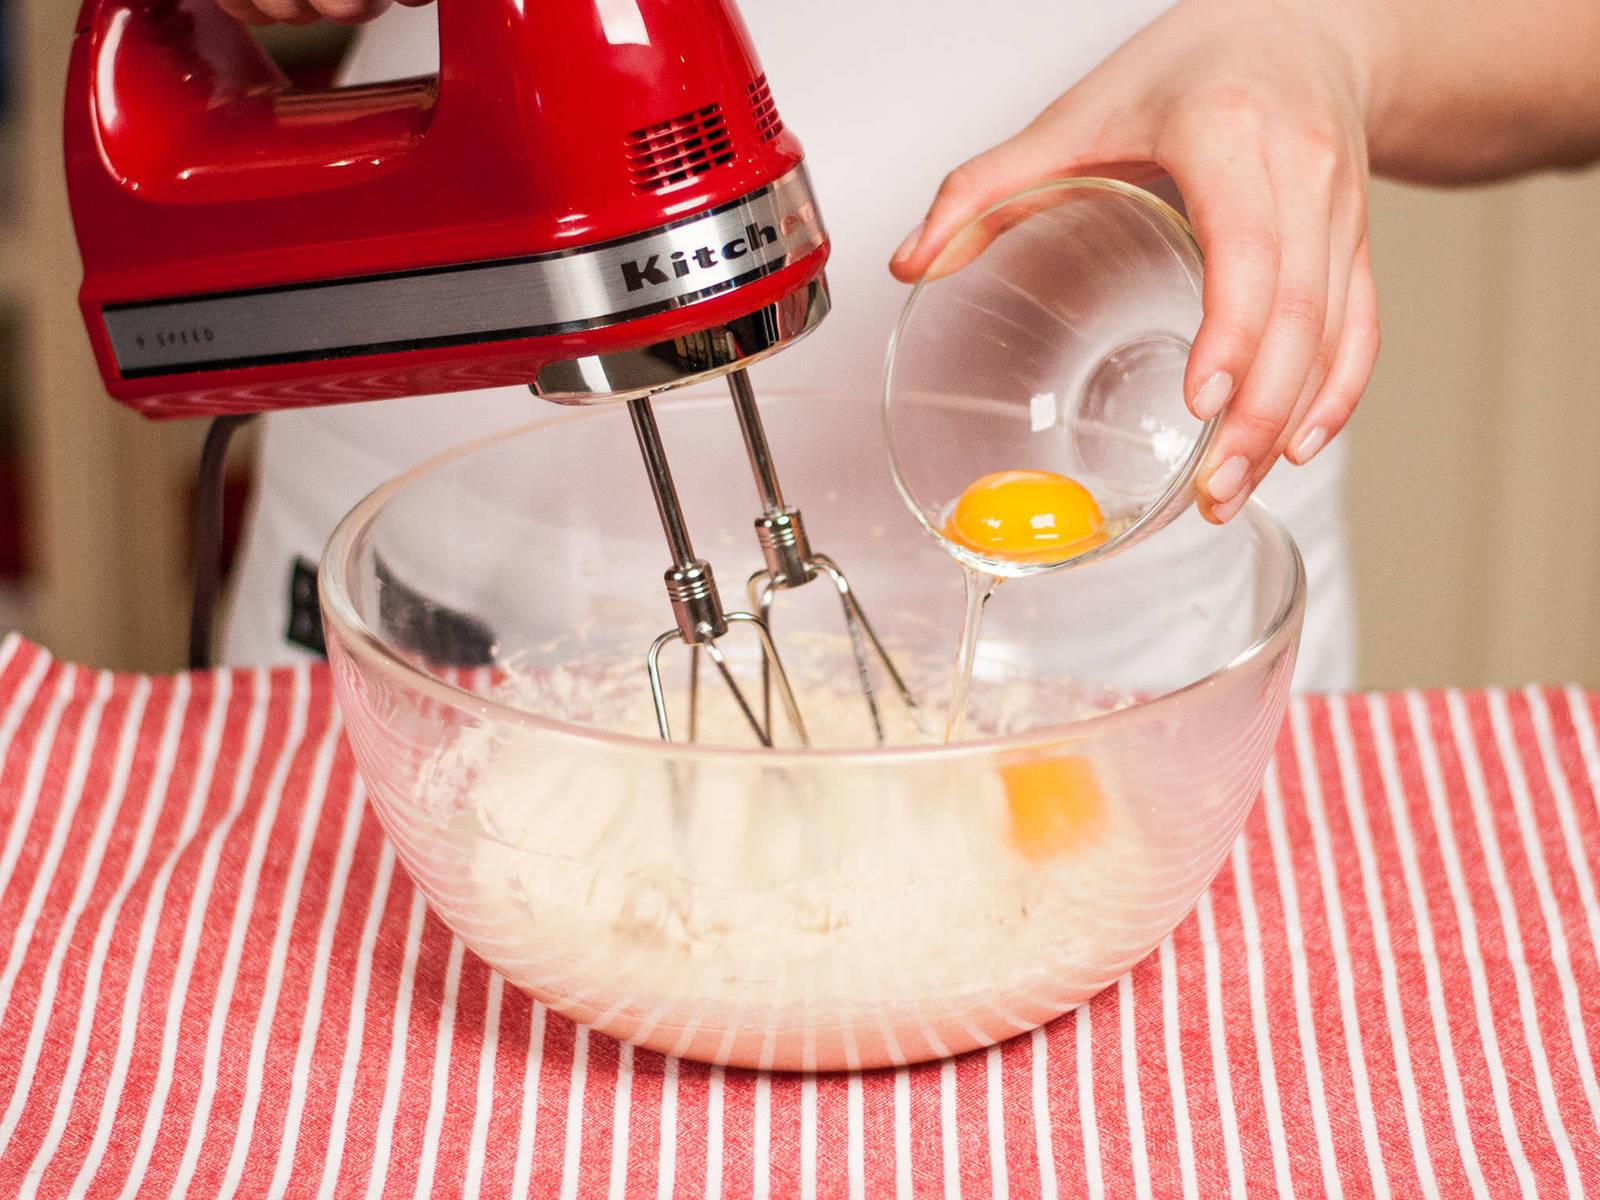 将两个蛋搅打至完全融合。